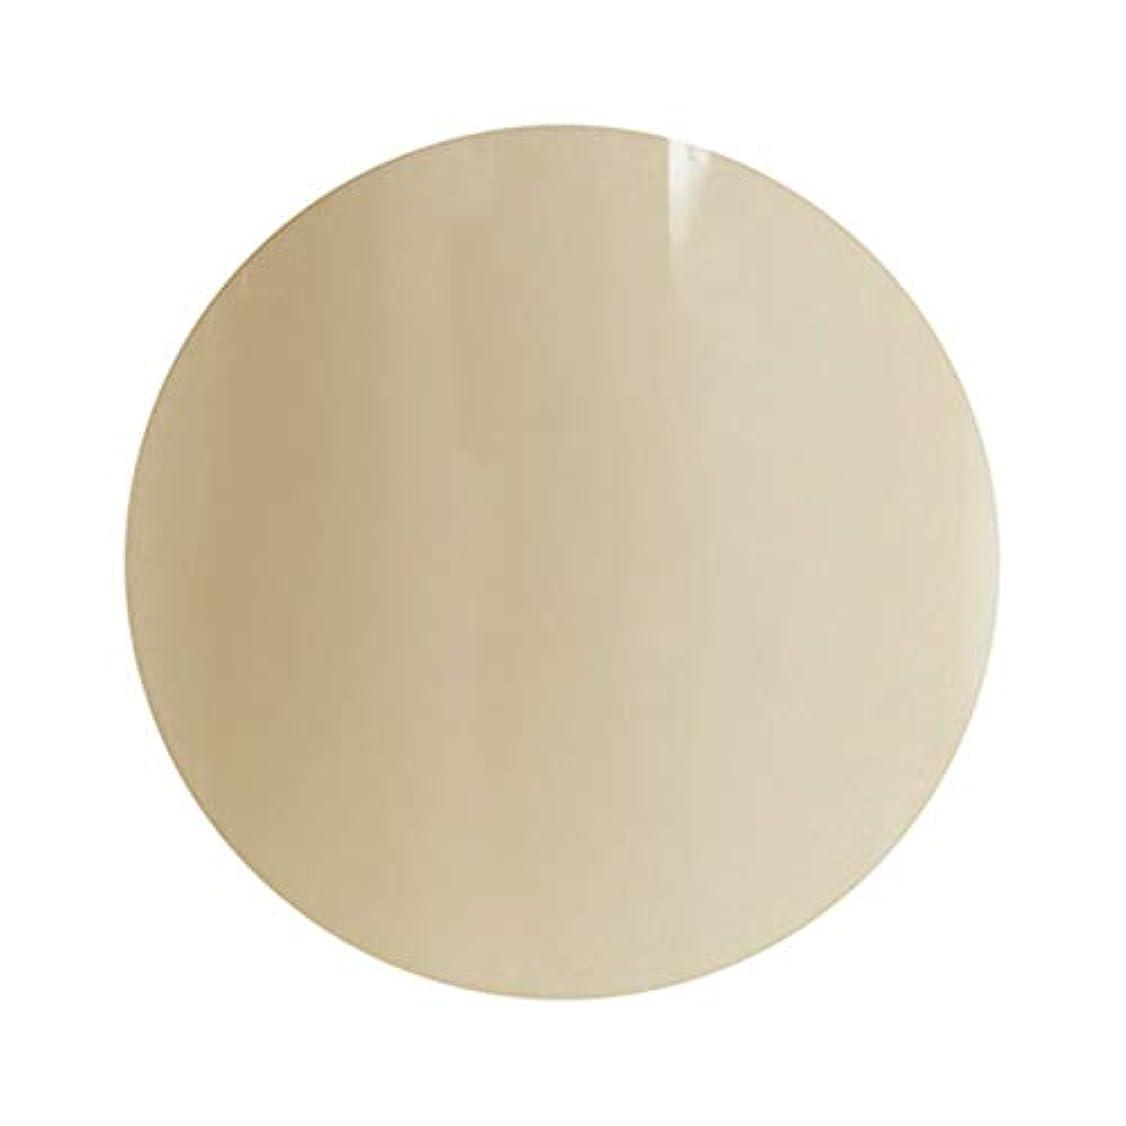 緑世紀フロントpara gel パラジェル カラージェル S035 ピスタチオミスト 4g (Coccoプロデュース)